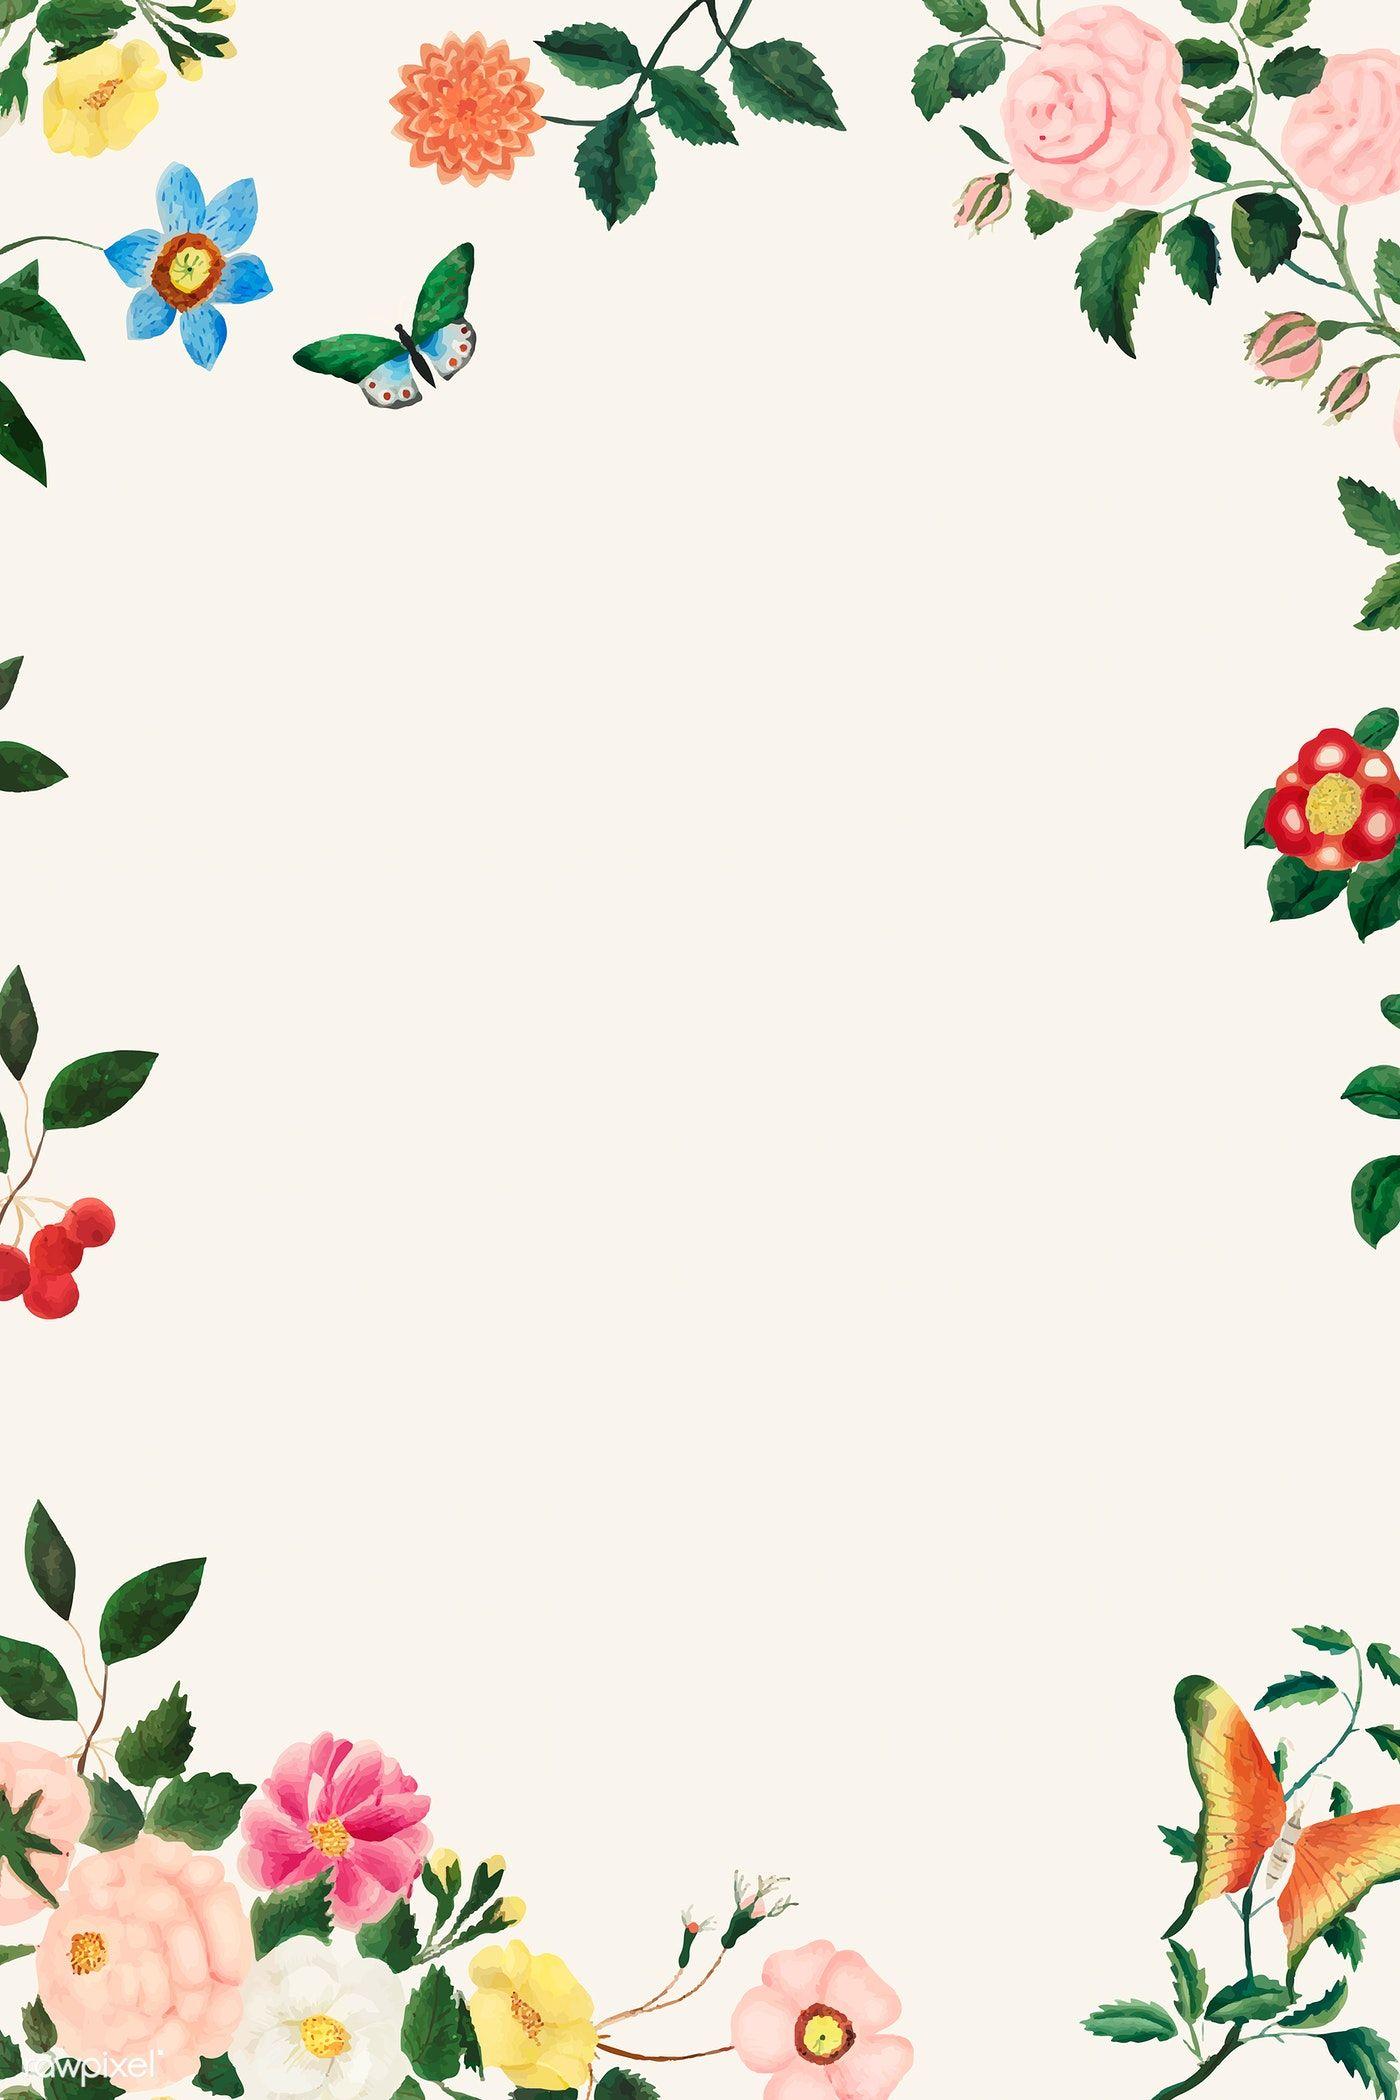 Download Premium Vector Of Vintage Floral Frame Illustration Vector 2208727 In 2020 Vintage Floral Backgrounds Flower Illustration Floral Cards Design